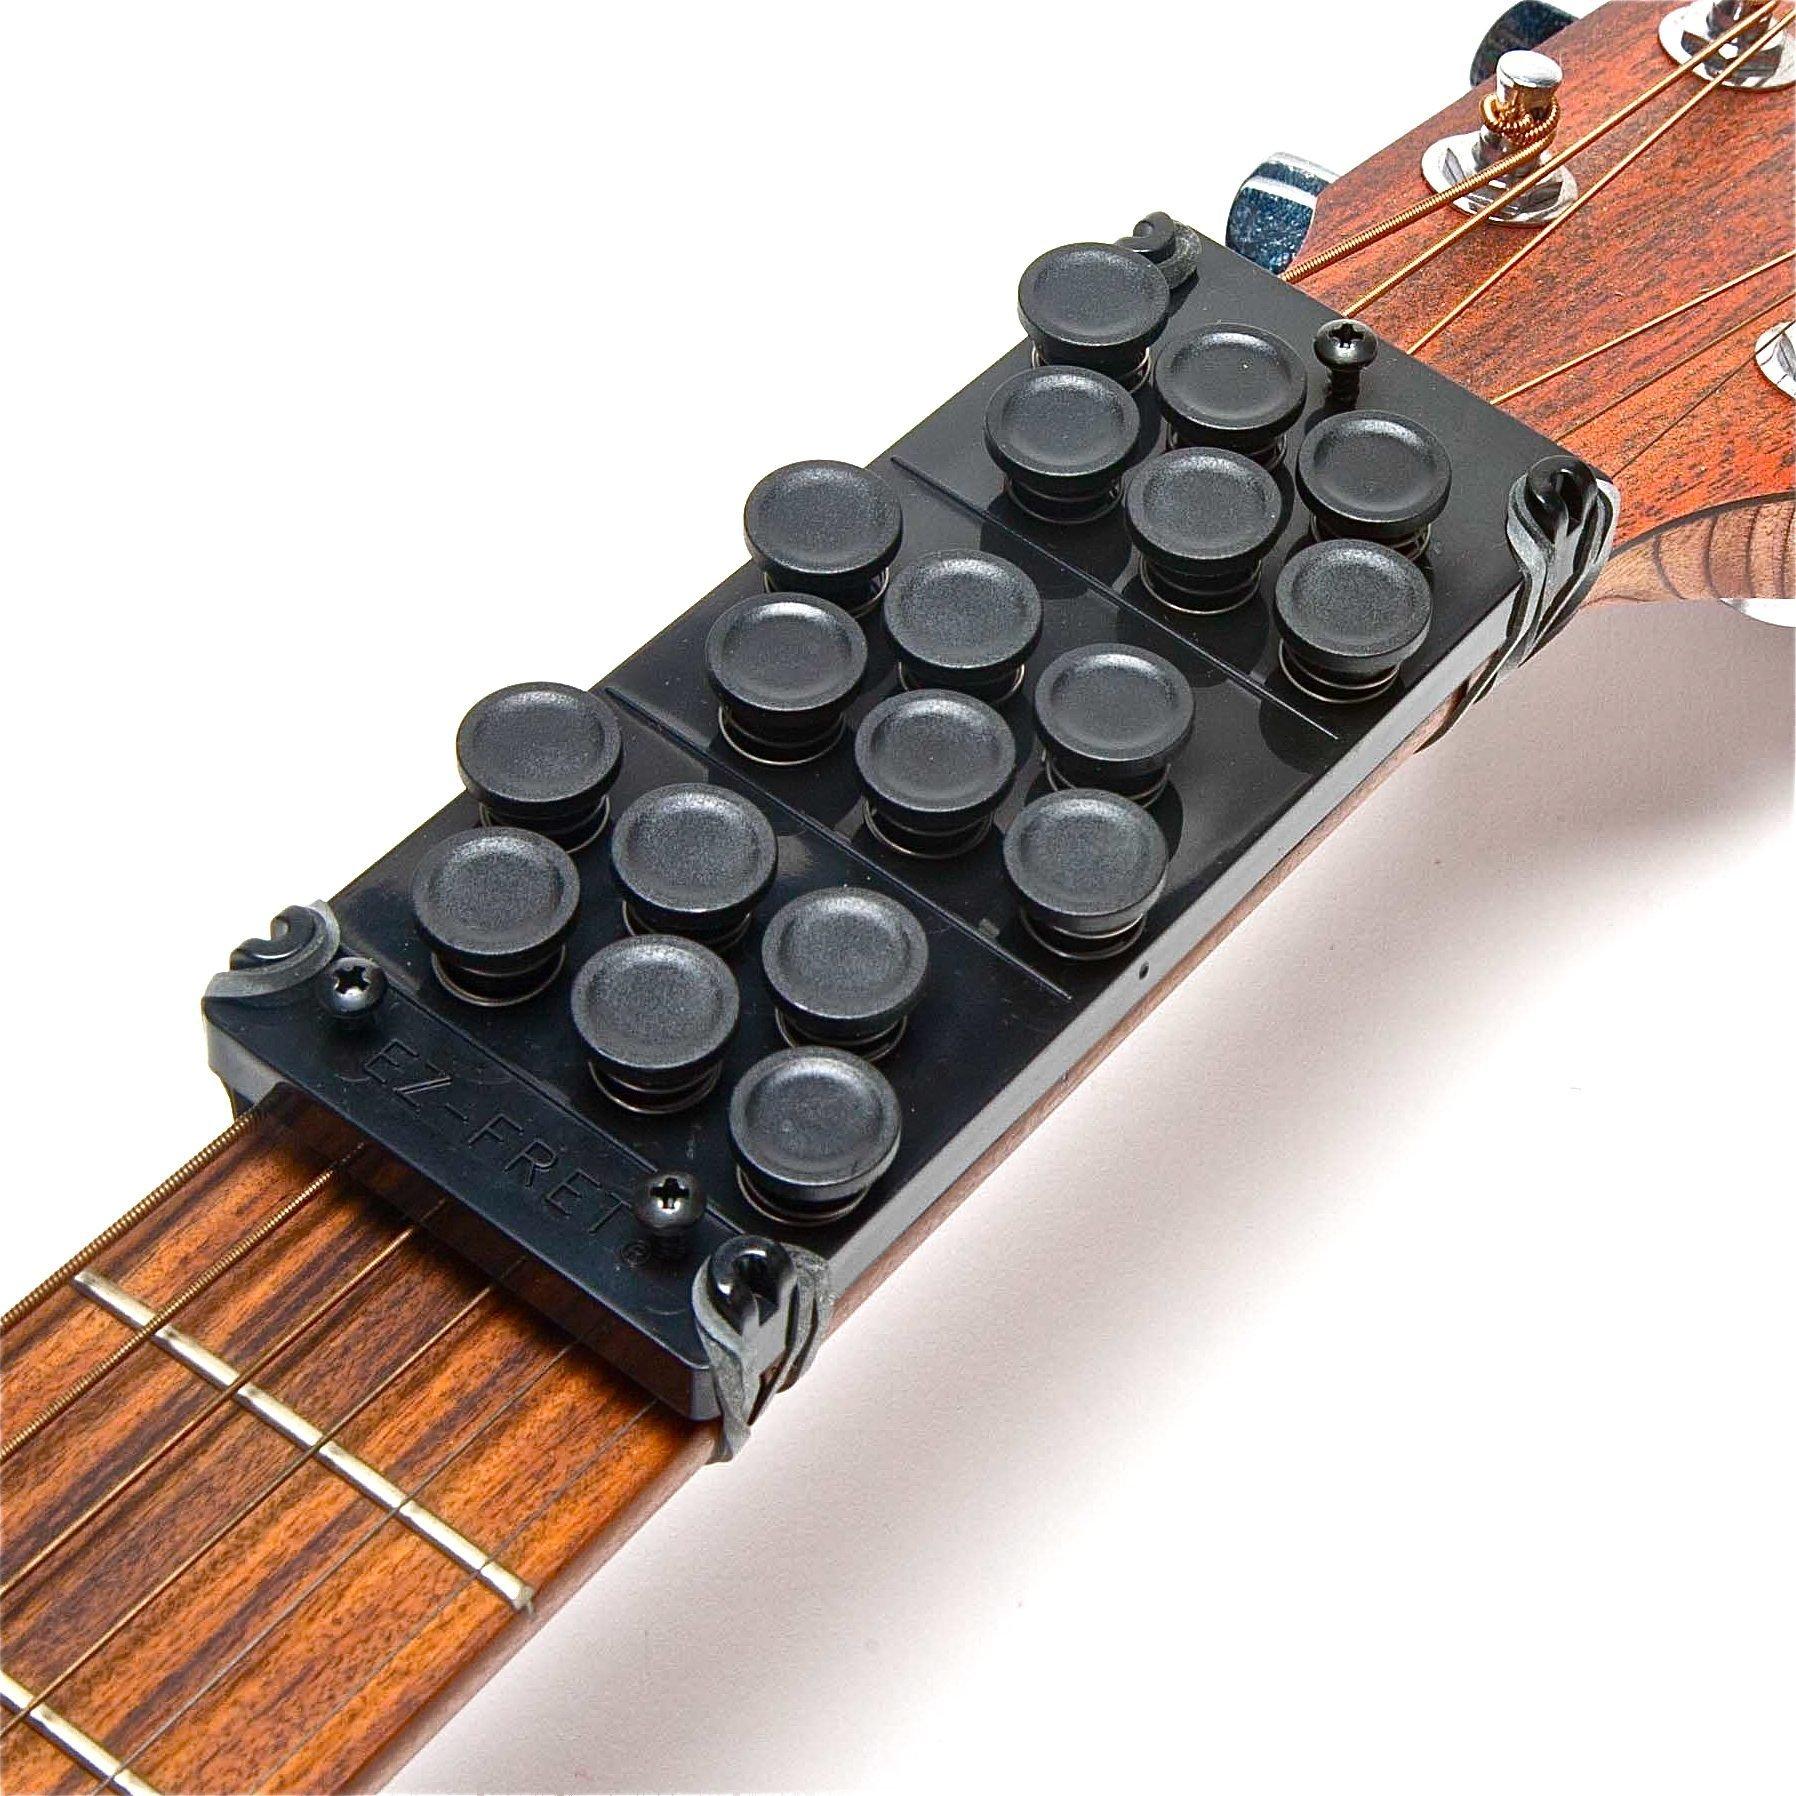 Ez-Fret Guitar Attachment, Eliminates Finger Pain, 110 Chords Available, Fits Full Sized Acoustic Guitar, L/H OK by Ez-Fret